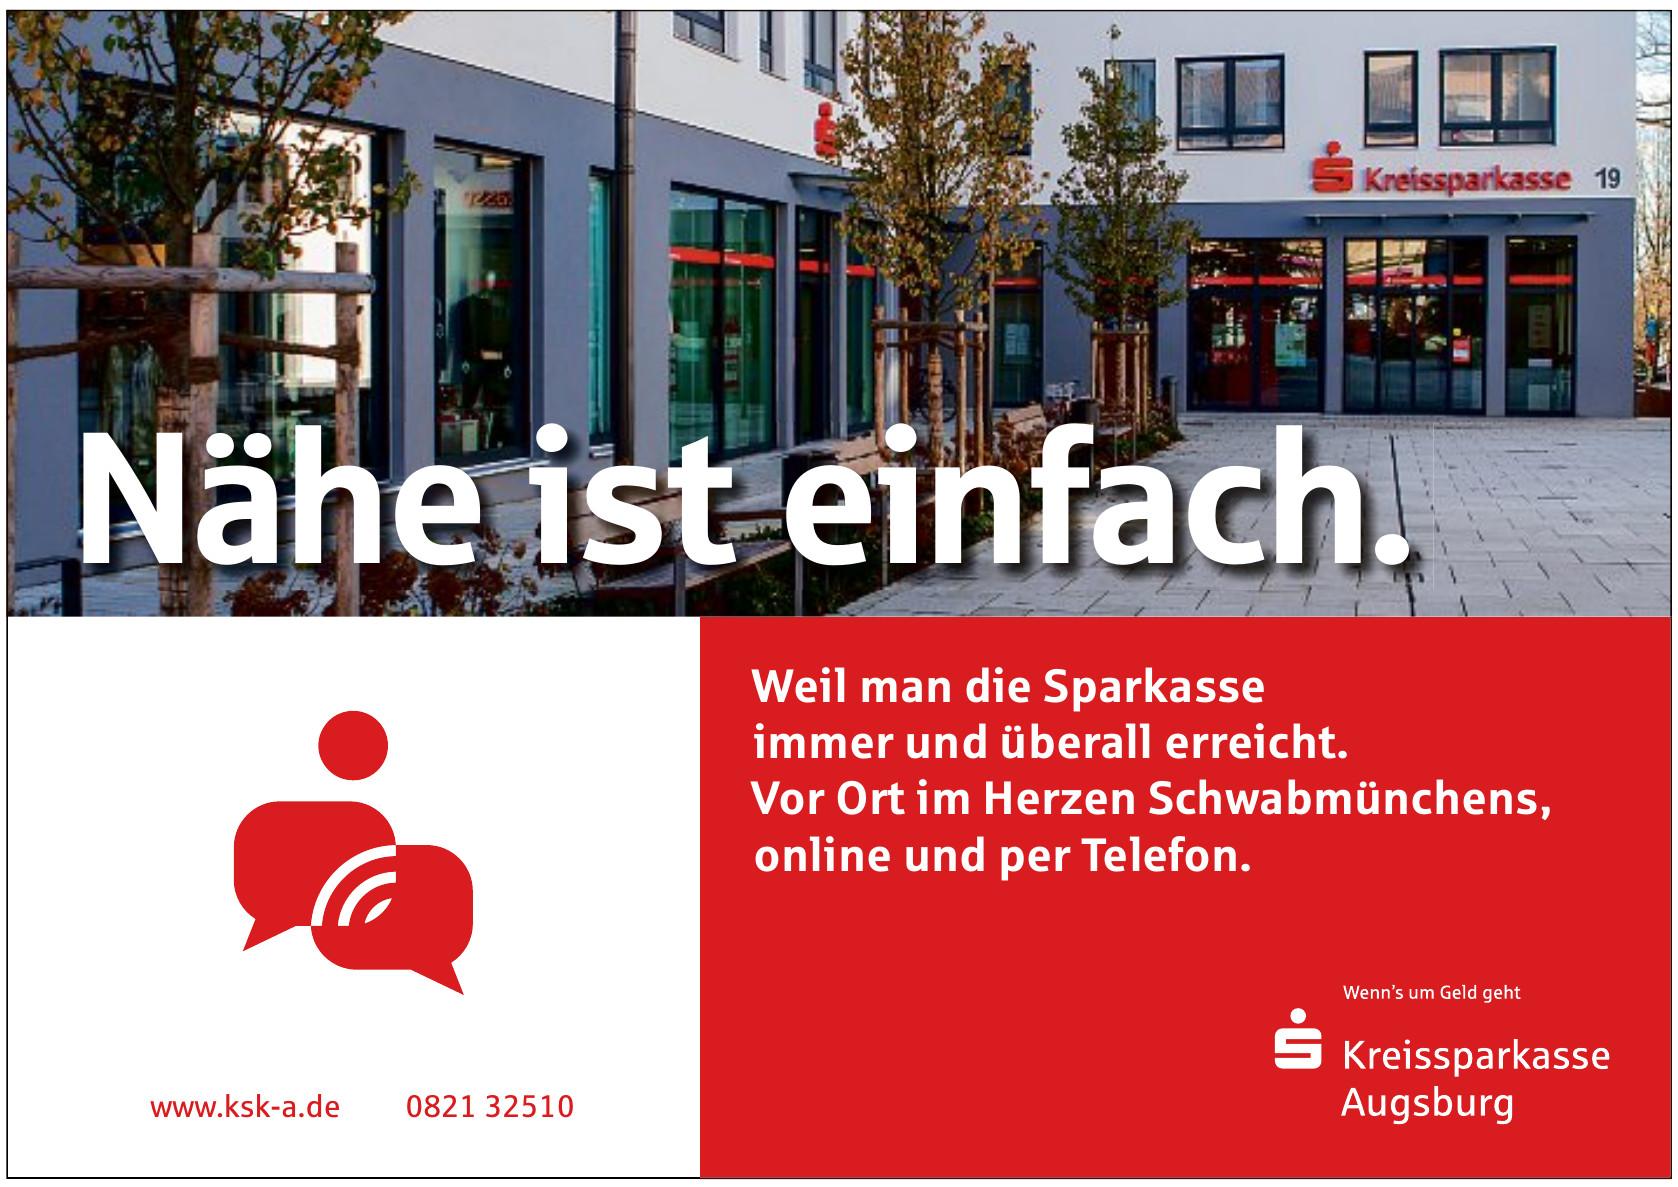 Kreissparkasse Augsburg